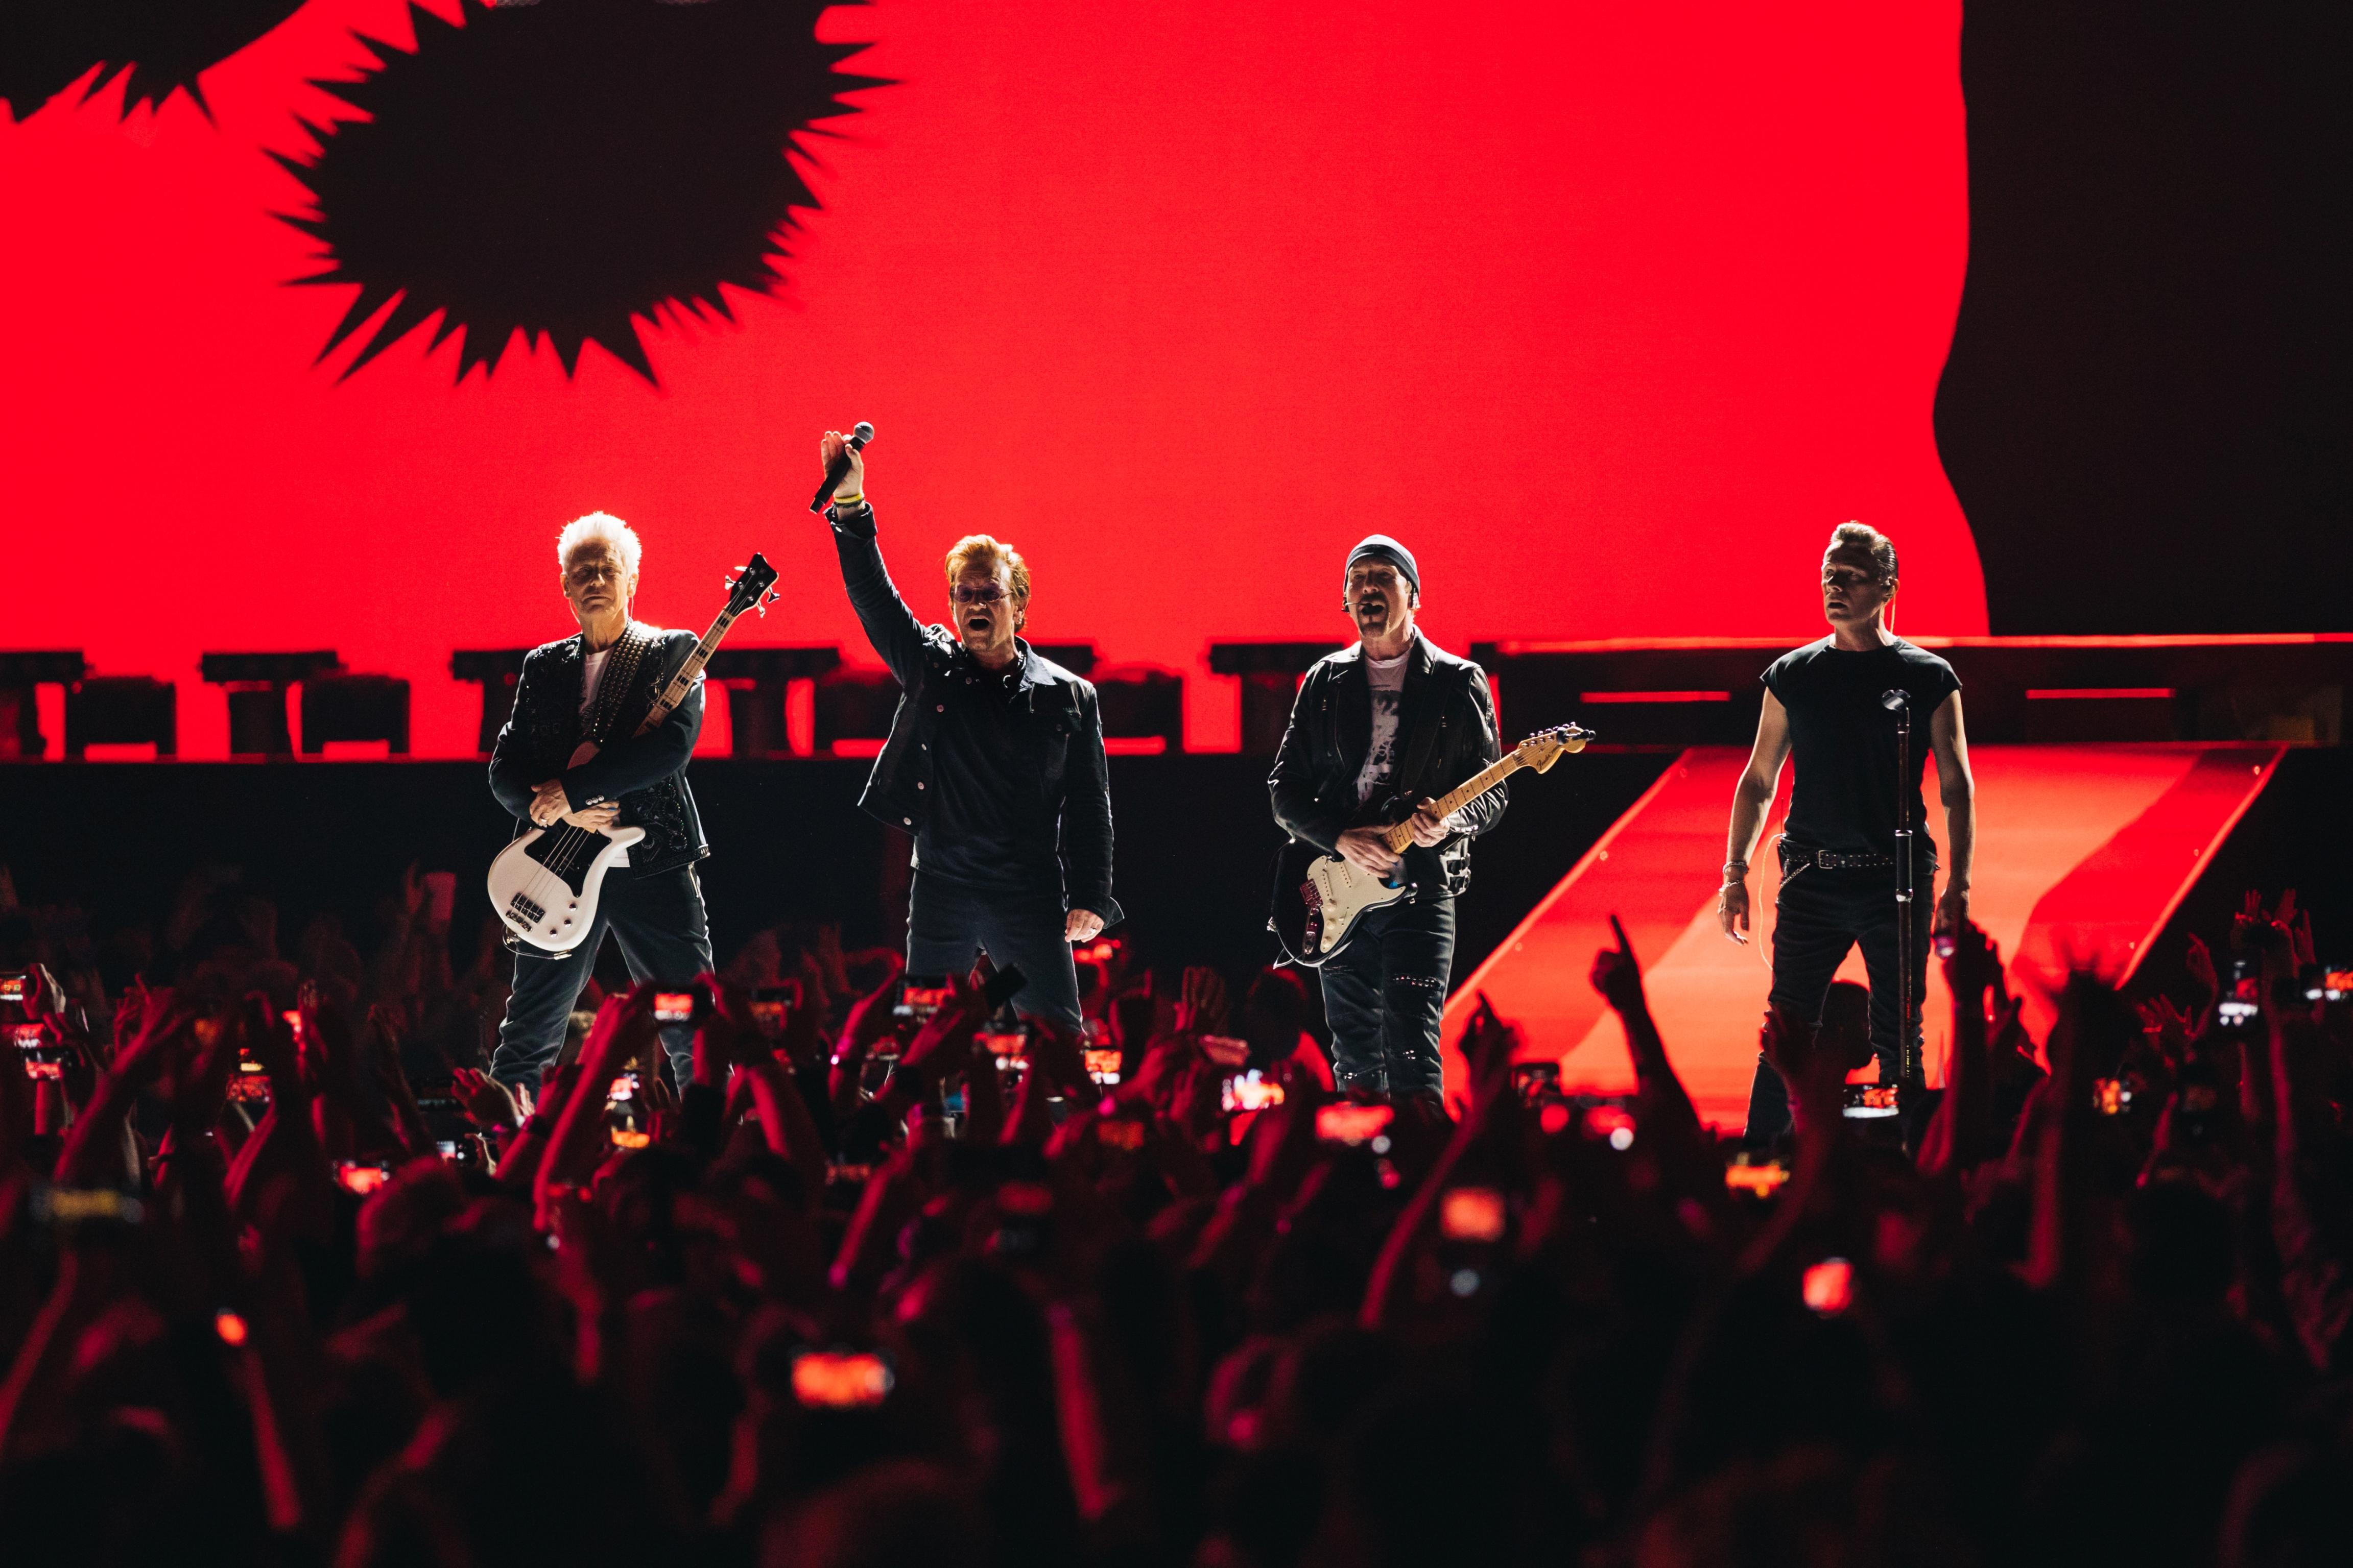 """U2 estreou a turnê """"The Joshua Tree Tour 2017"""" no dia 12 de maio, em Vancouver, no Canadá (Foto: Danny North)"""